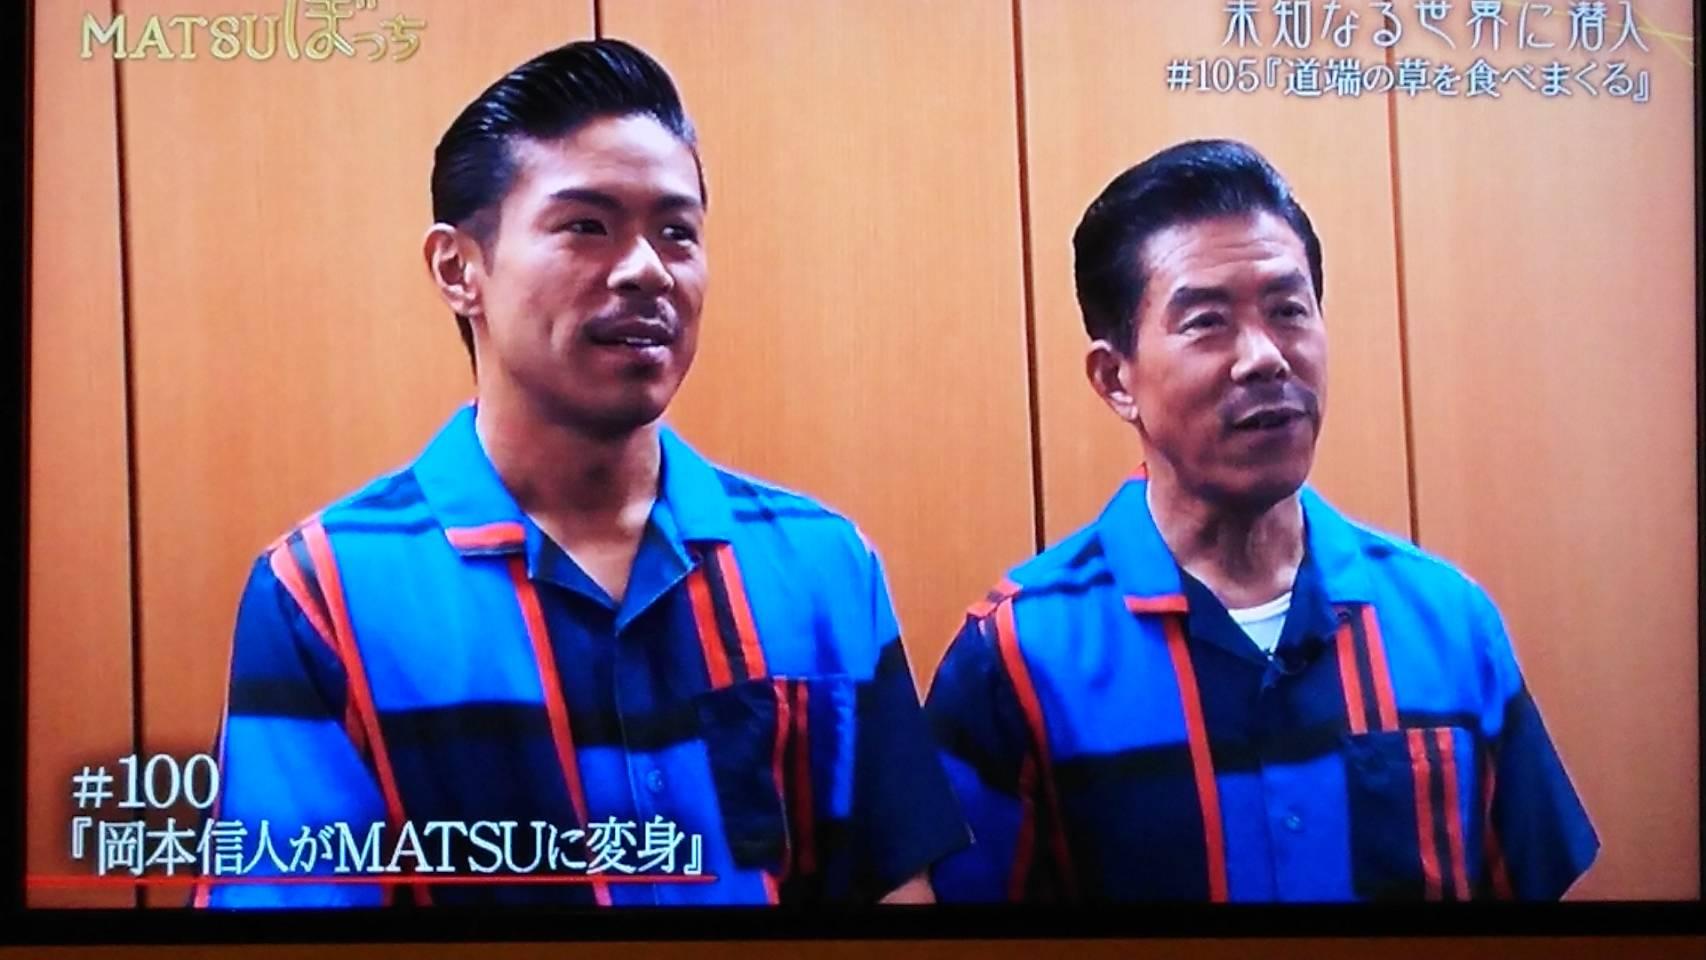 今度は岡本信人がMATSUぼっちで野草食うww似てる二人の奇跡の共演まとめ